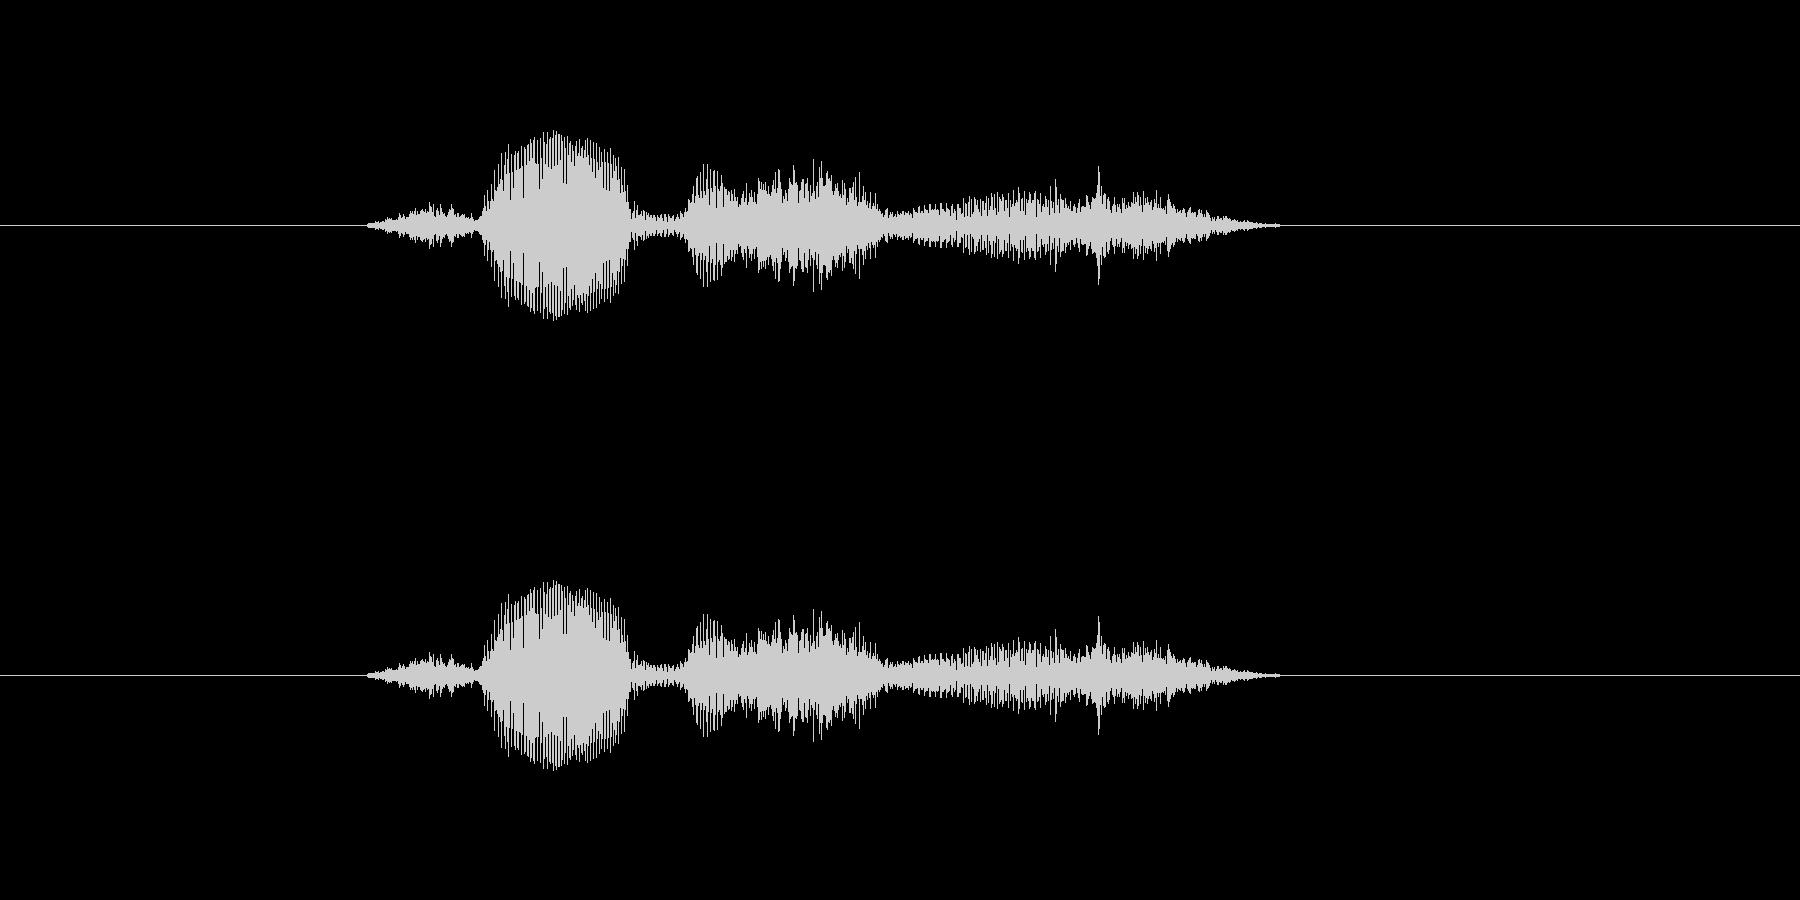 【システム】セーブします - 1の未再生の波形